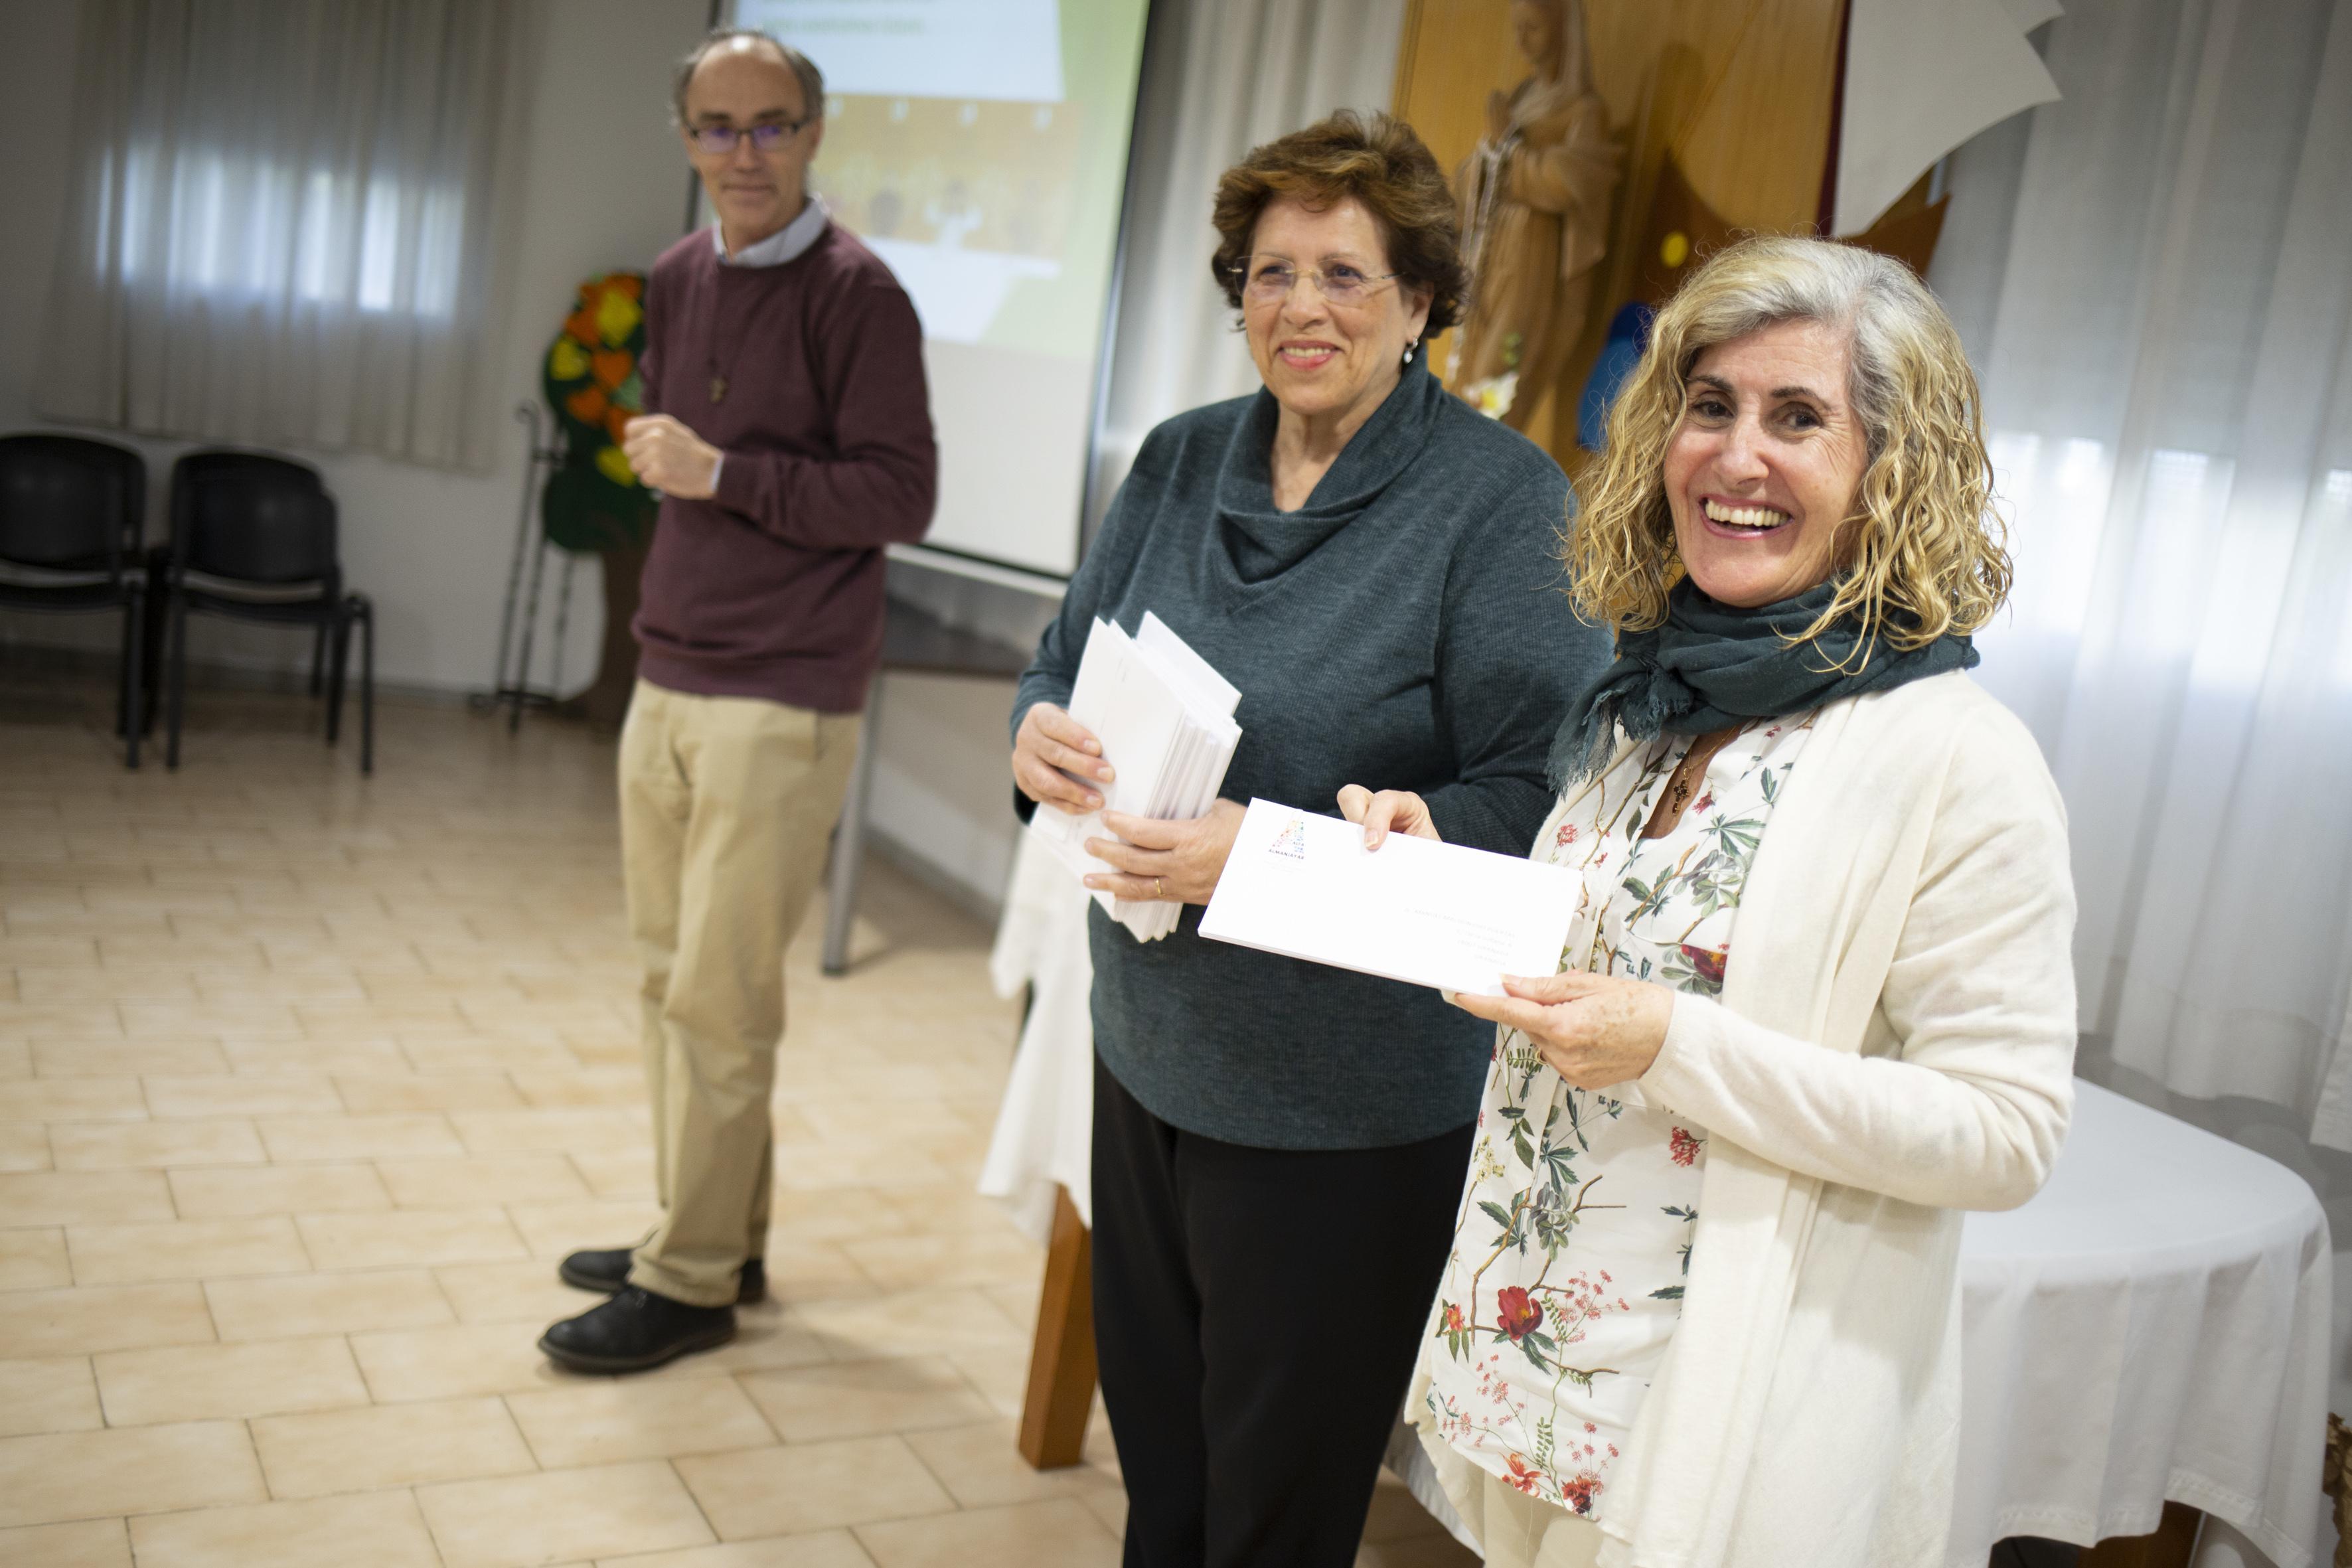 La Asociación Almanjáyar en Familia ayudó a 360 personas en 2019